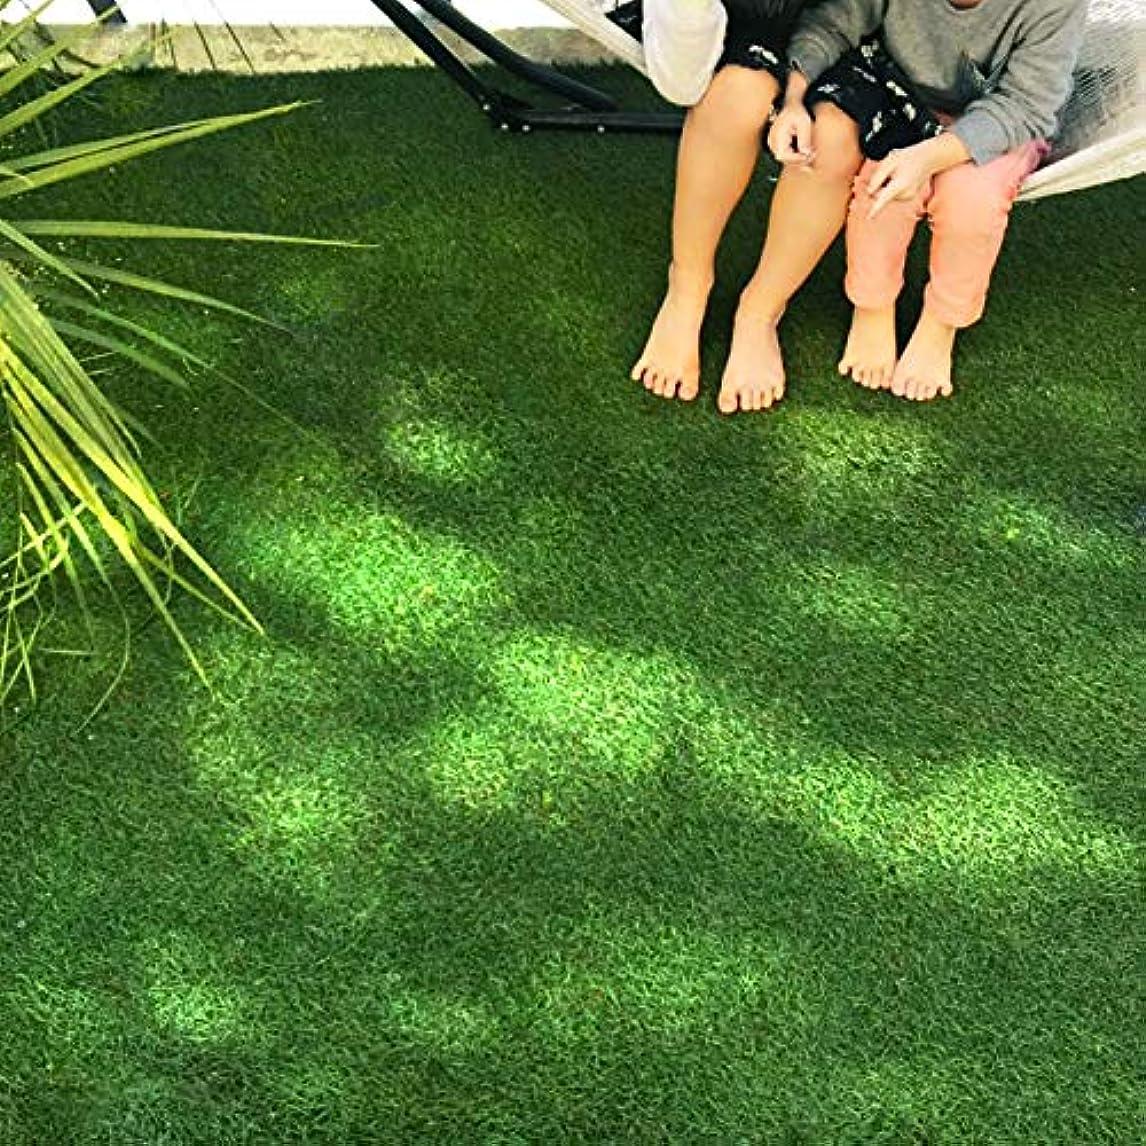 意見ボイラー役員人工芝 ハイグレード リアル 人工芝 ロールタイプ 芝丈30mm 2m×5m